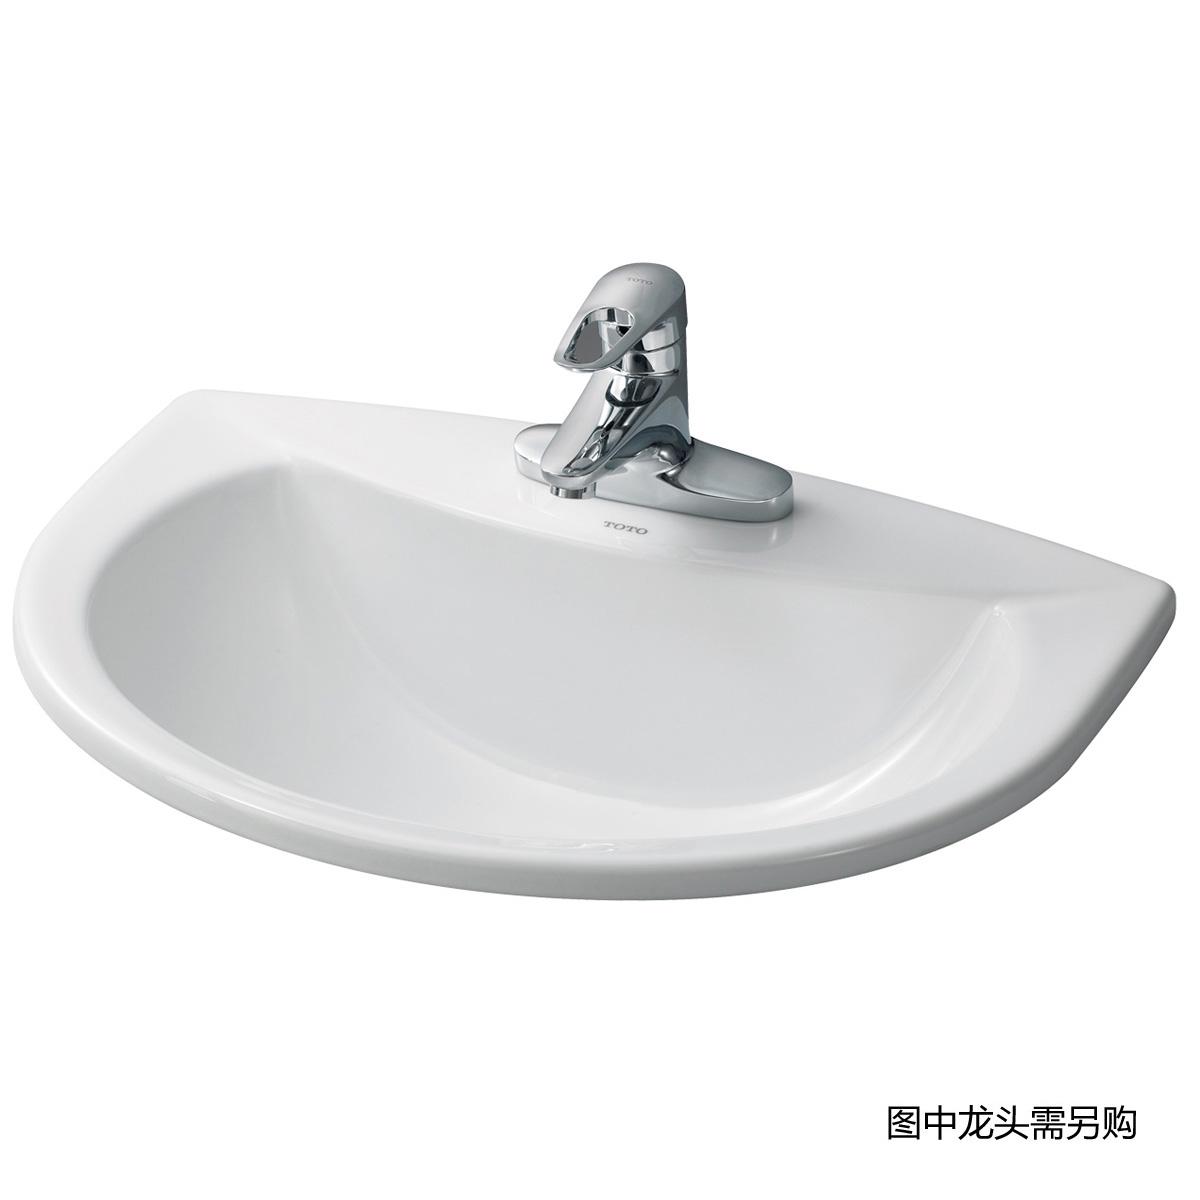 台上式洗脸盆 LW571CFB